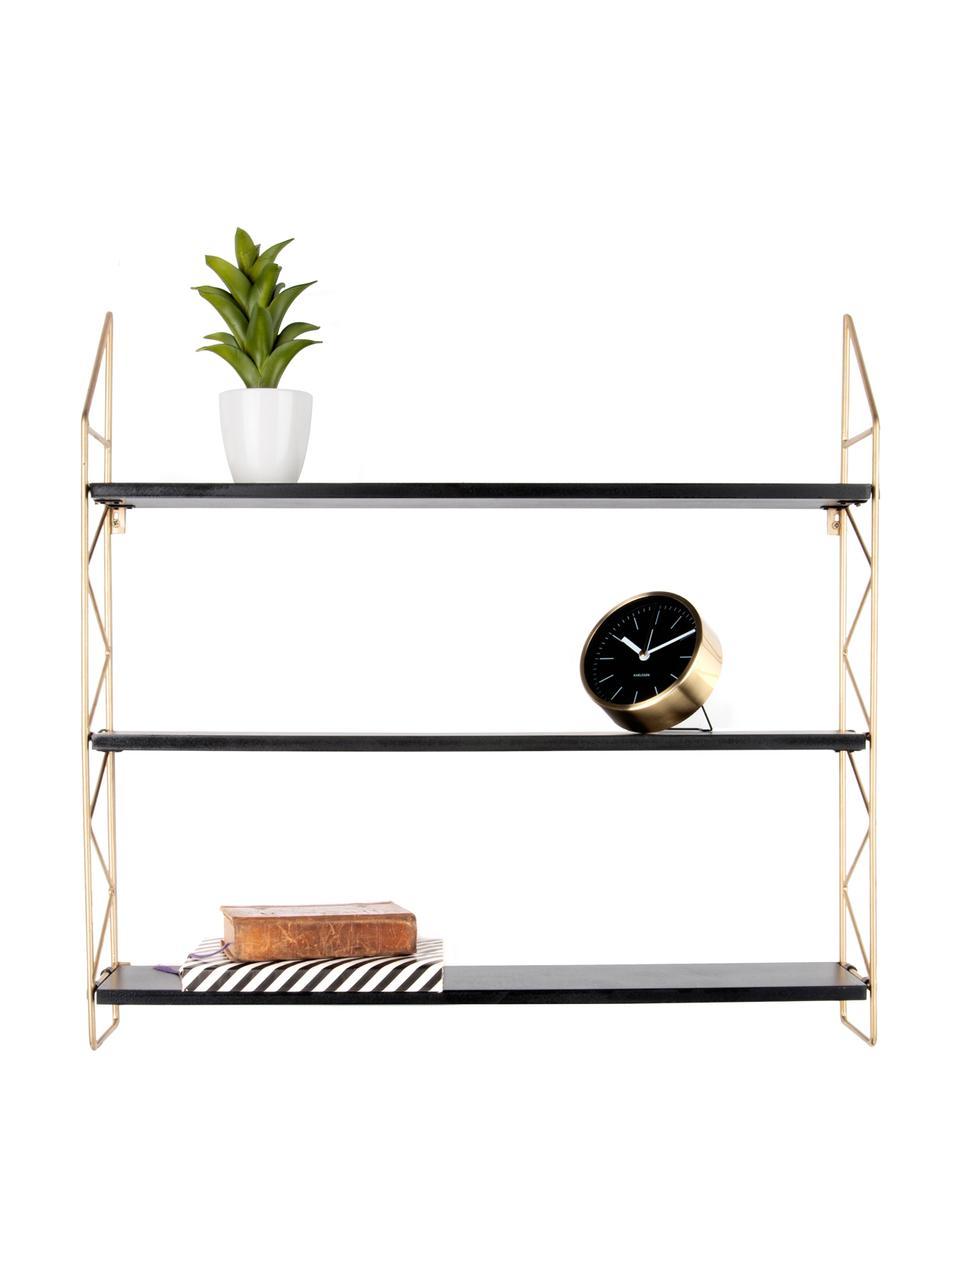 Libreria a muro piccola Zig Zag, Struttura: metallo verniciato, Ripiani: pannelli di fibra a media, Struttura: dorato Ripiani: nero, Larg. 60 x Alt. 60 cm